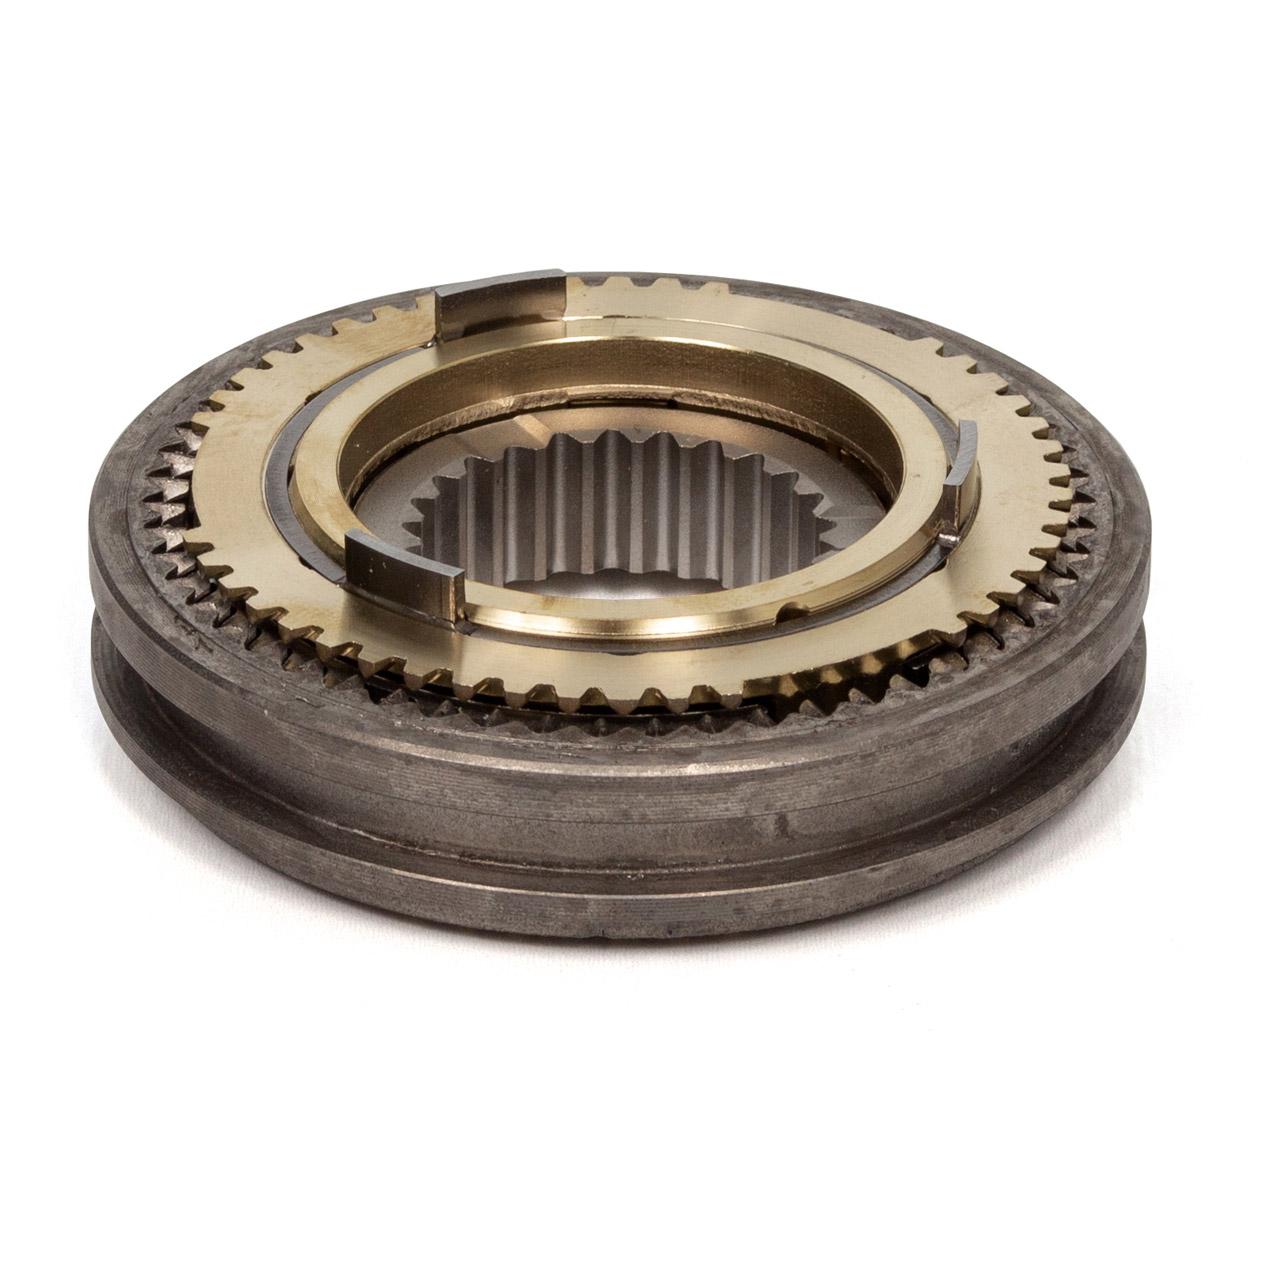 ORIGINAL Citroen Peugeot Synchronring Schaltgetriebe ML5 ML6 2353.66